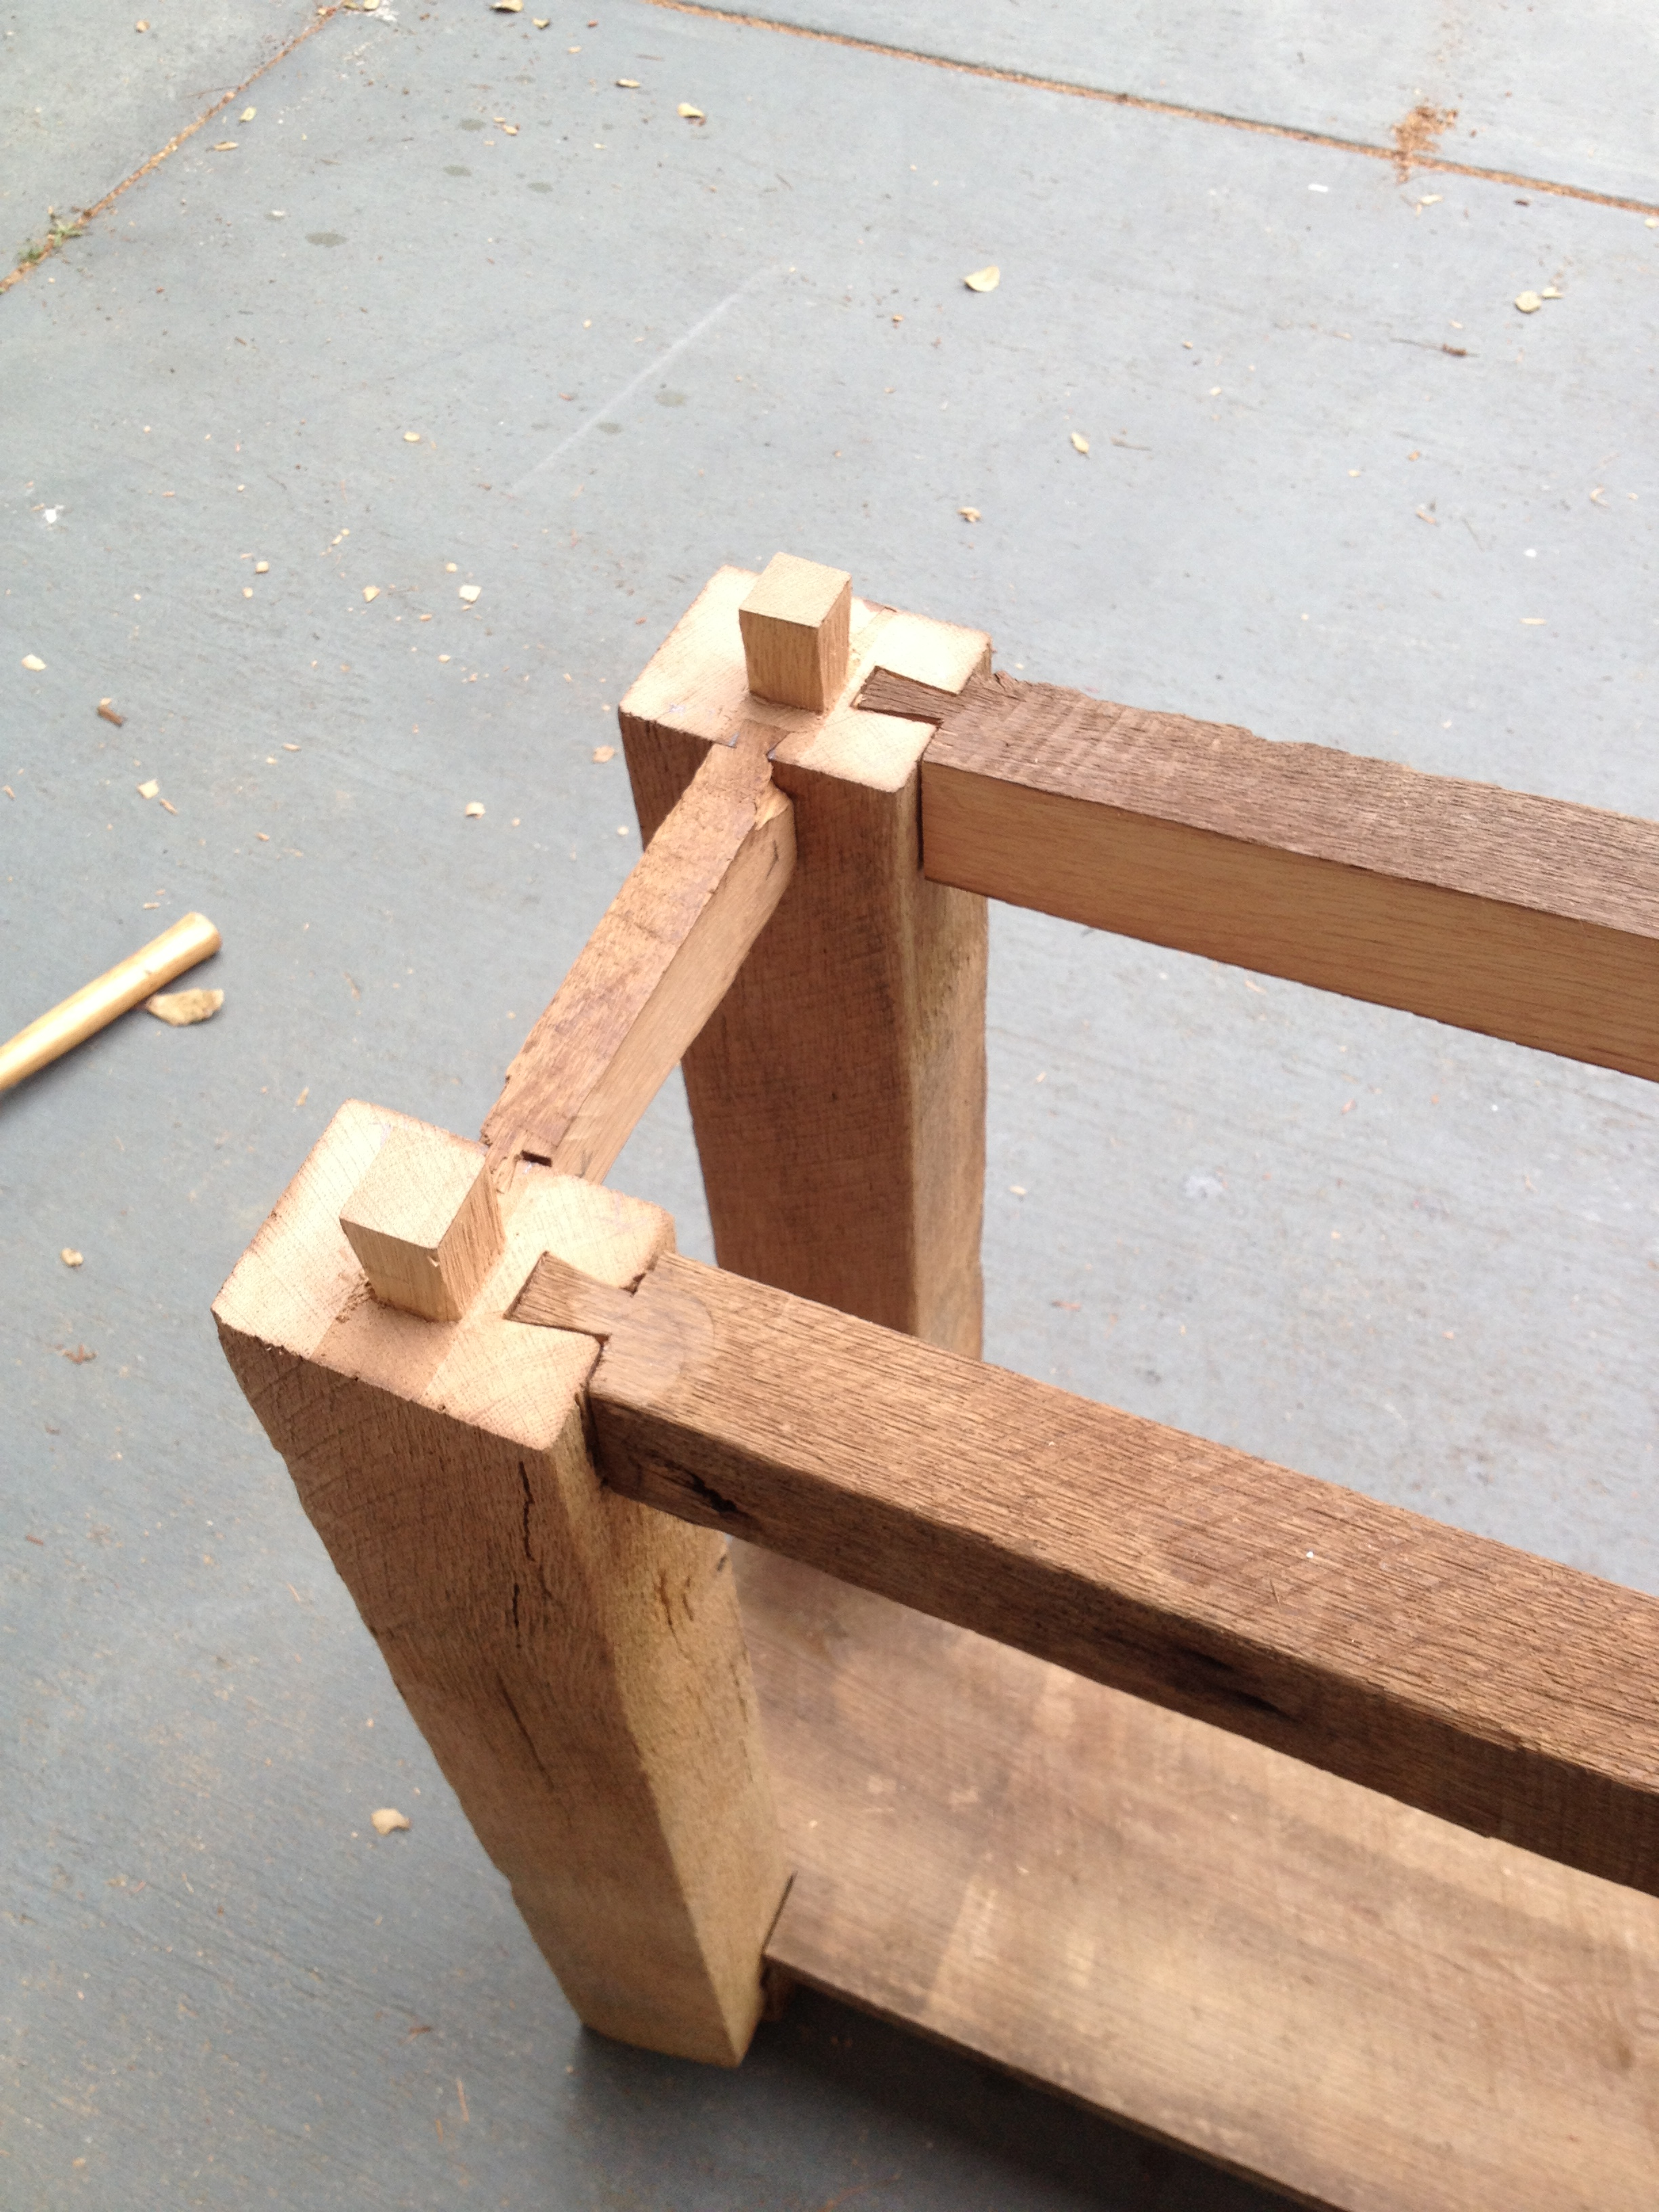 barnwood table joinery